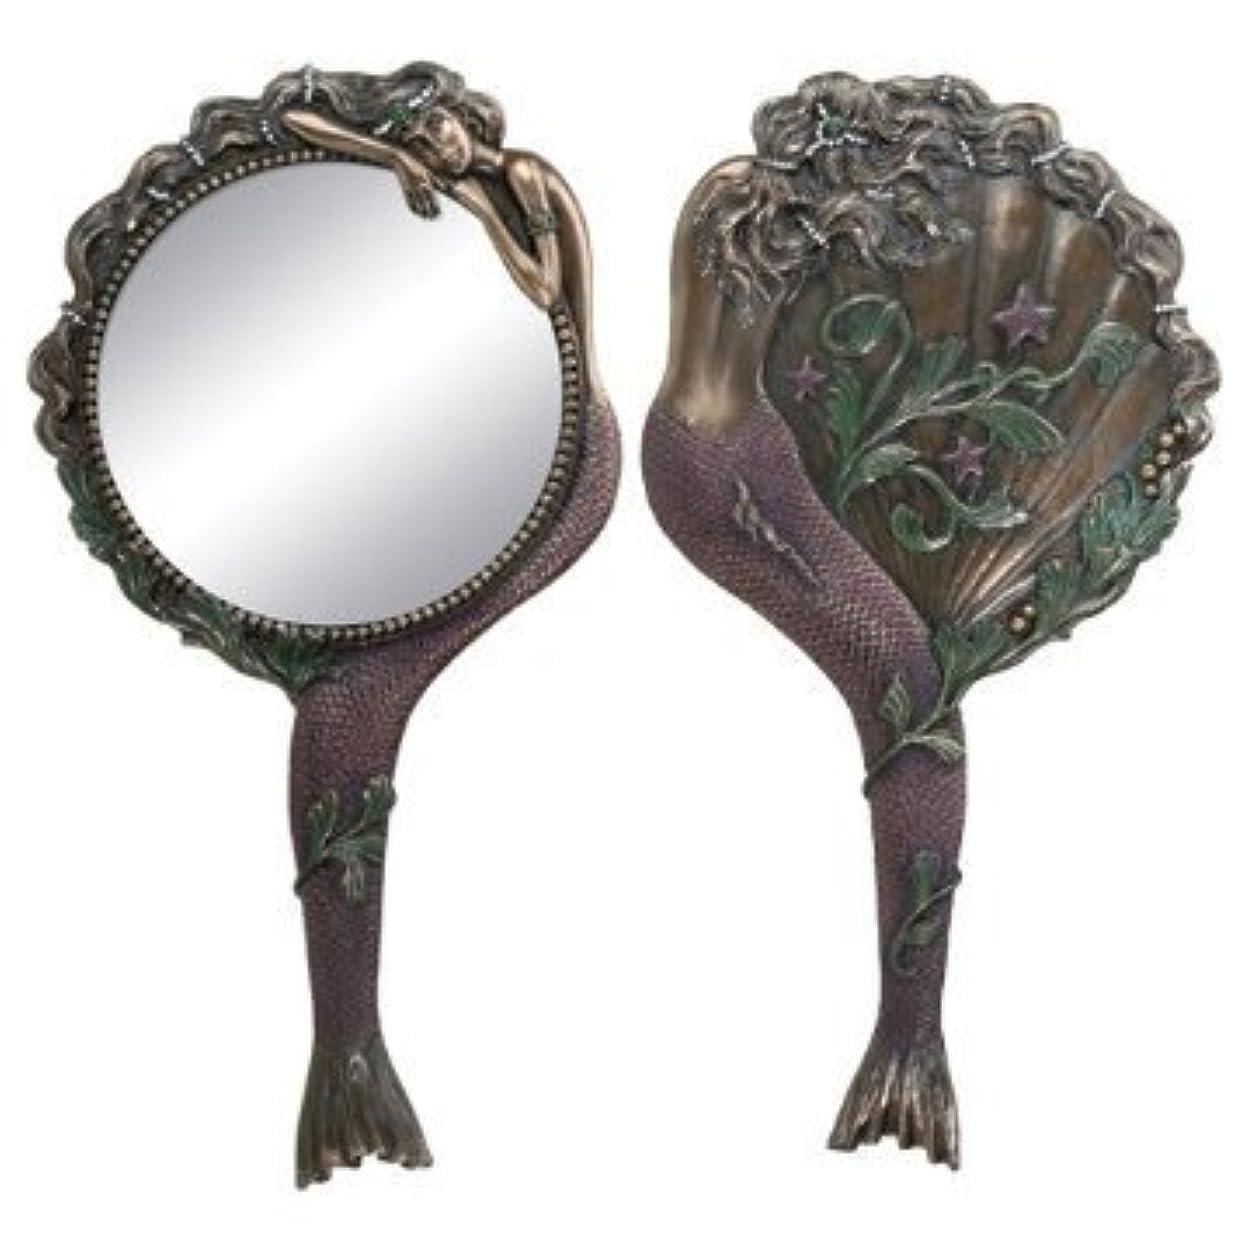 食事を調理する下武装解除Art Nouveau Collectible Mermaid Hand Mirror Nymph Decoration by Summit